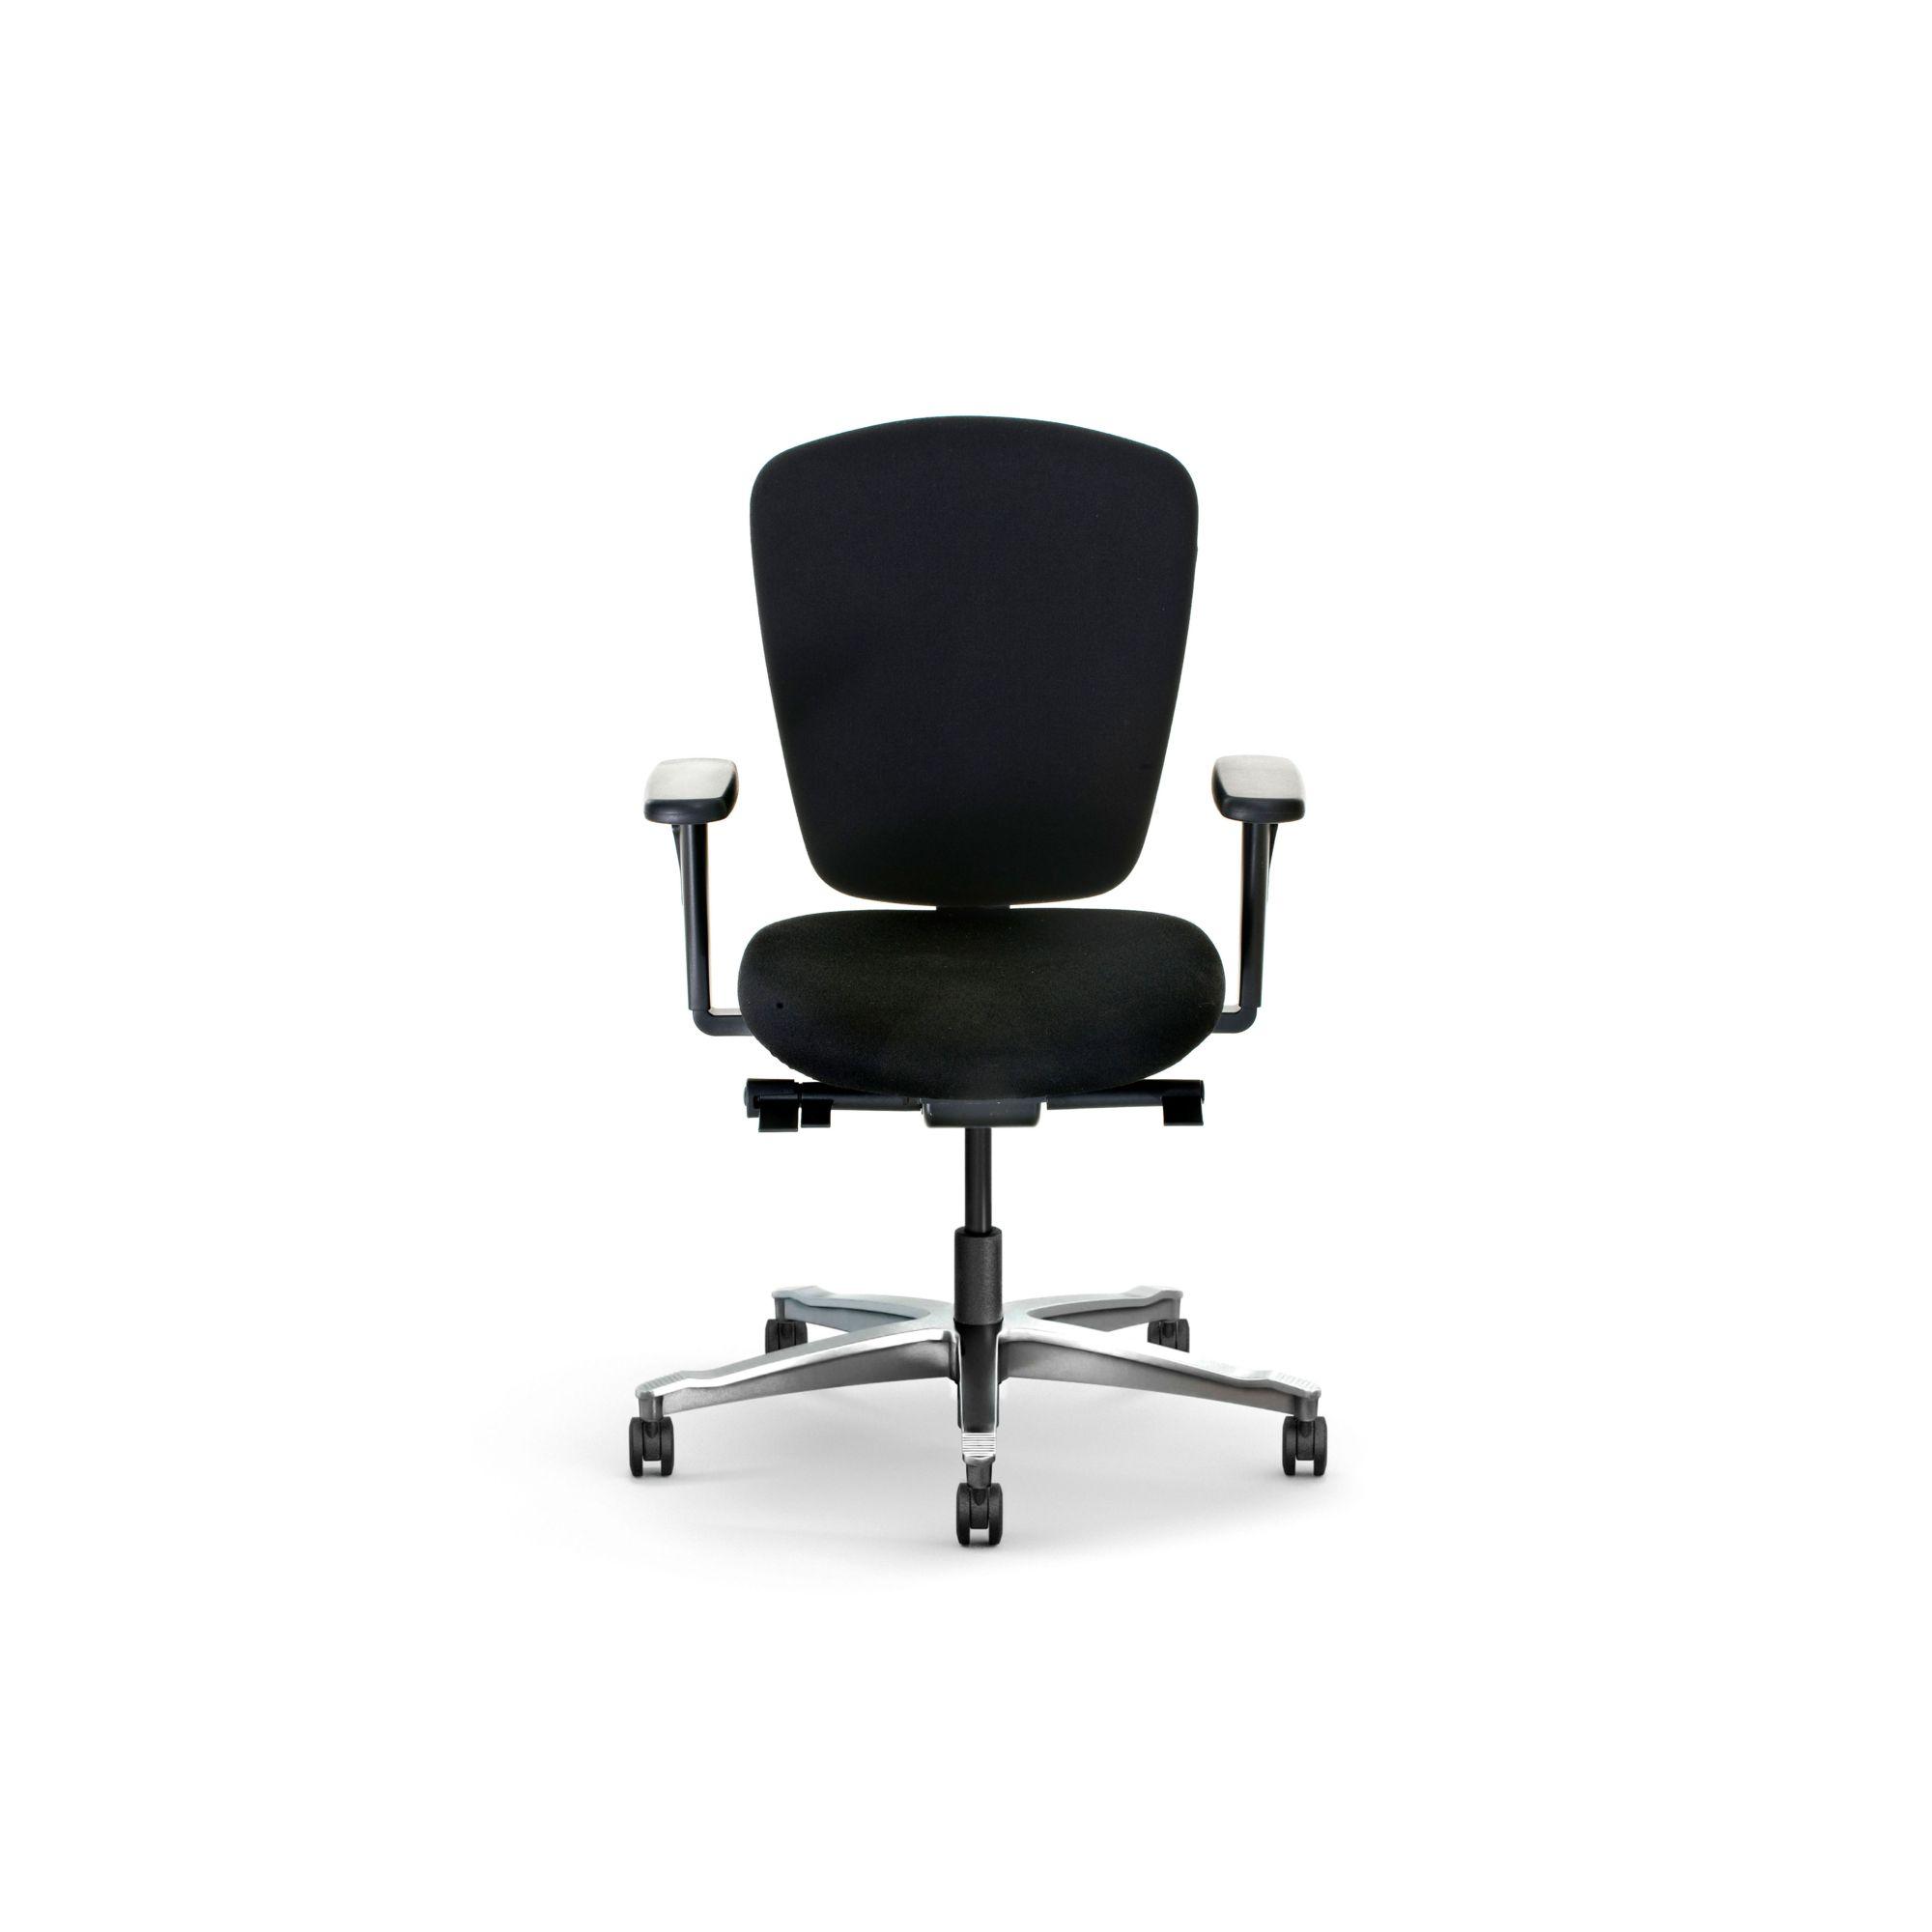 Benutzerdefinierte Office Stuhle Kleine Aufgabe Stuhl Preiswerte